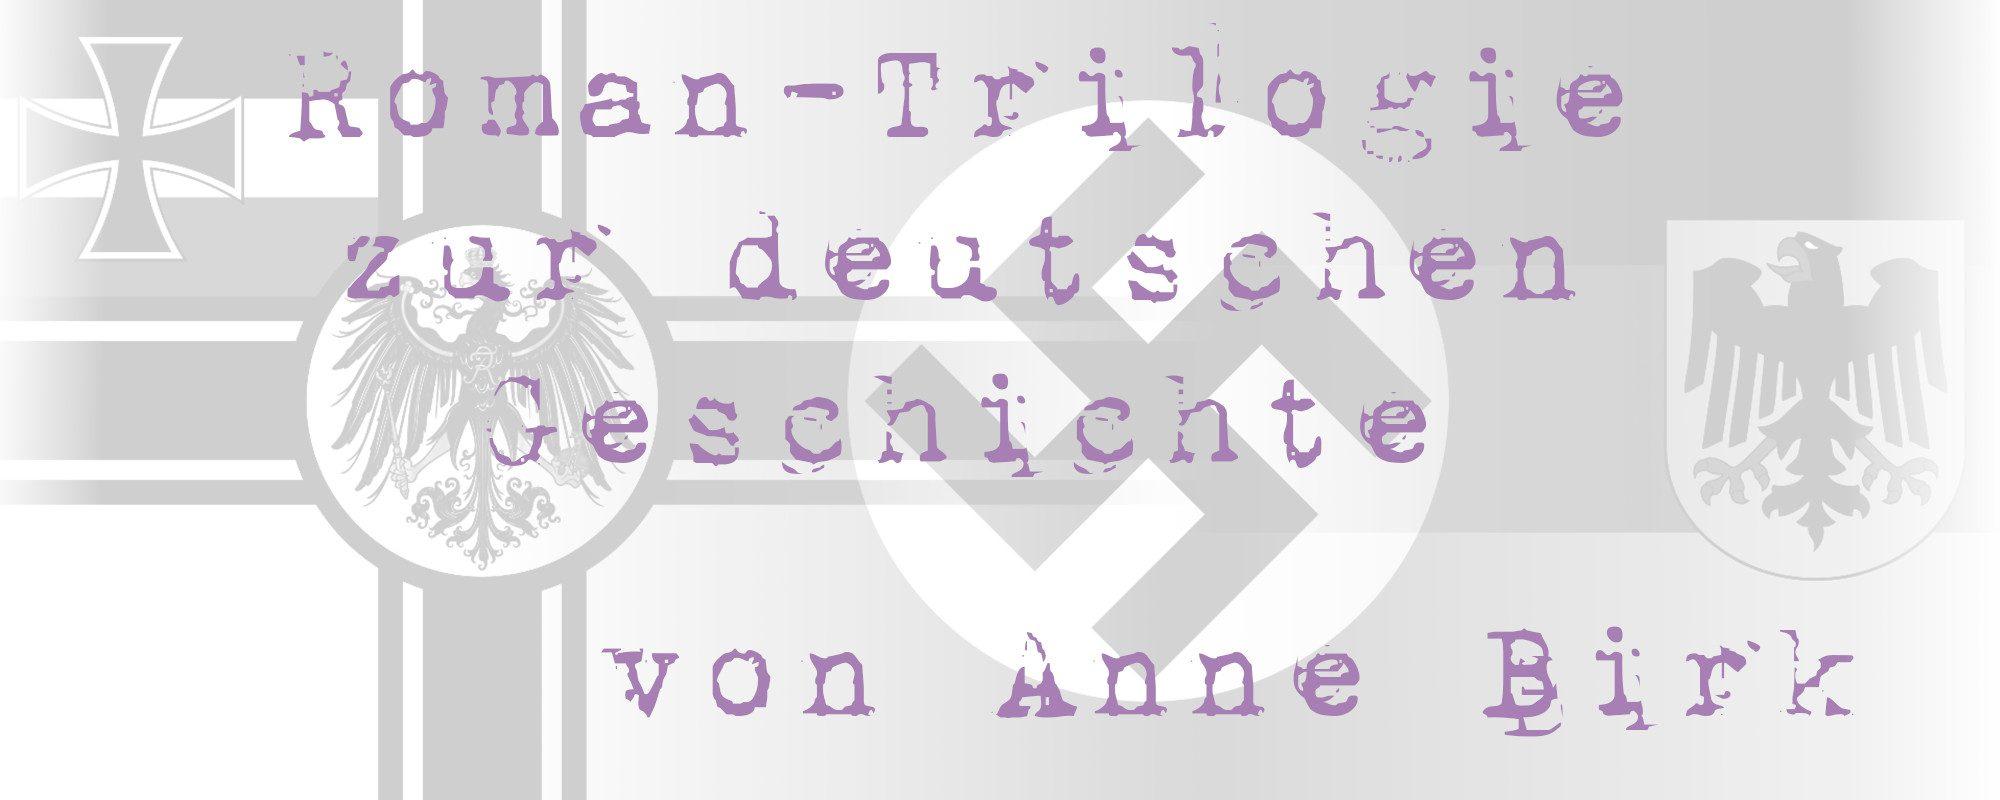 Anne-Birk-Roman-Trilogie-deutsche-Geschichte